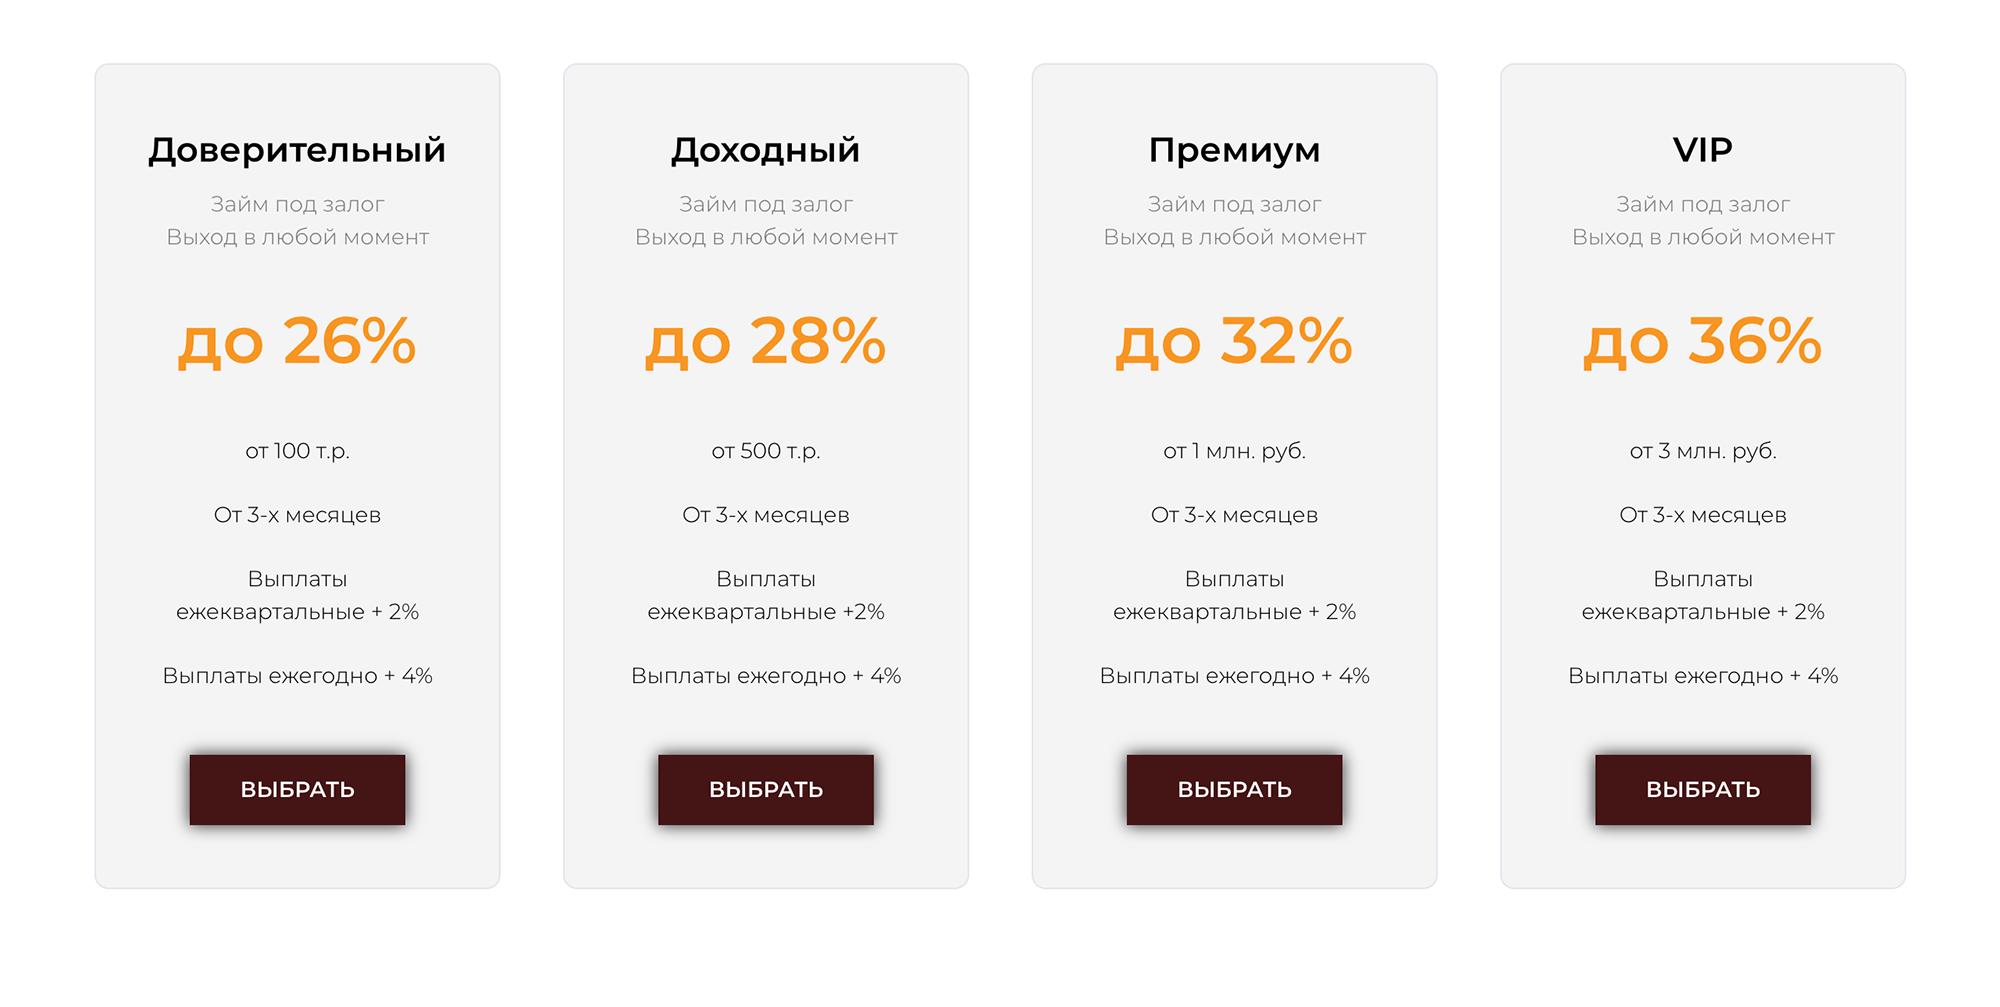 Проценты «Русбилд» обещает высокие, и это подозрительно. Но и минимальный вклад — 100 тысяч. Это не похоже на фирмы-однодневки, которые сулят златые горы за 500 рублей